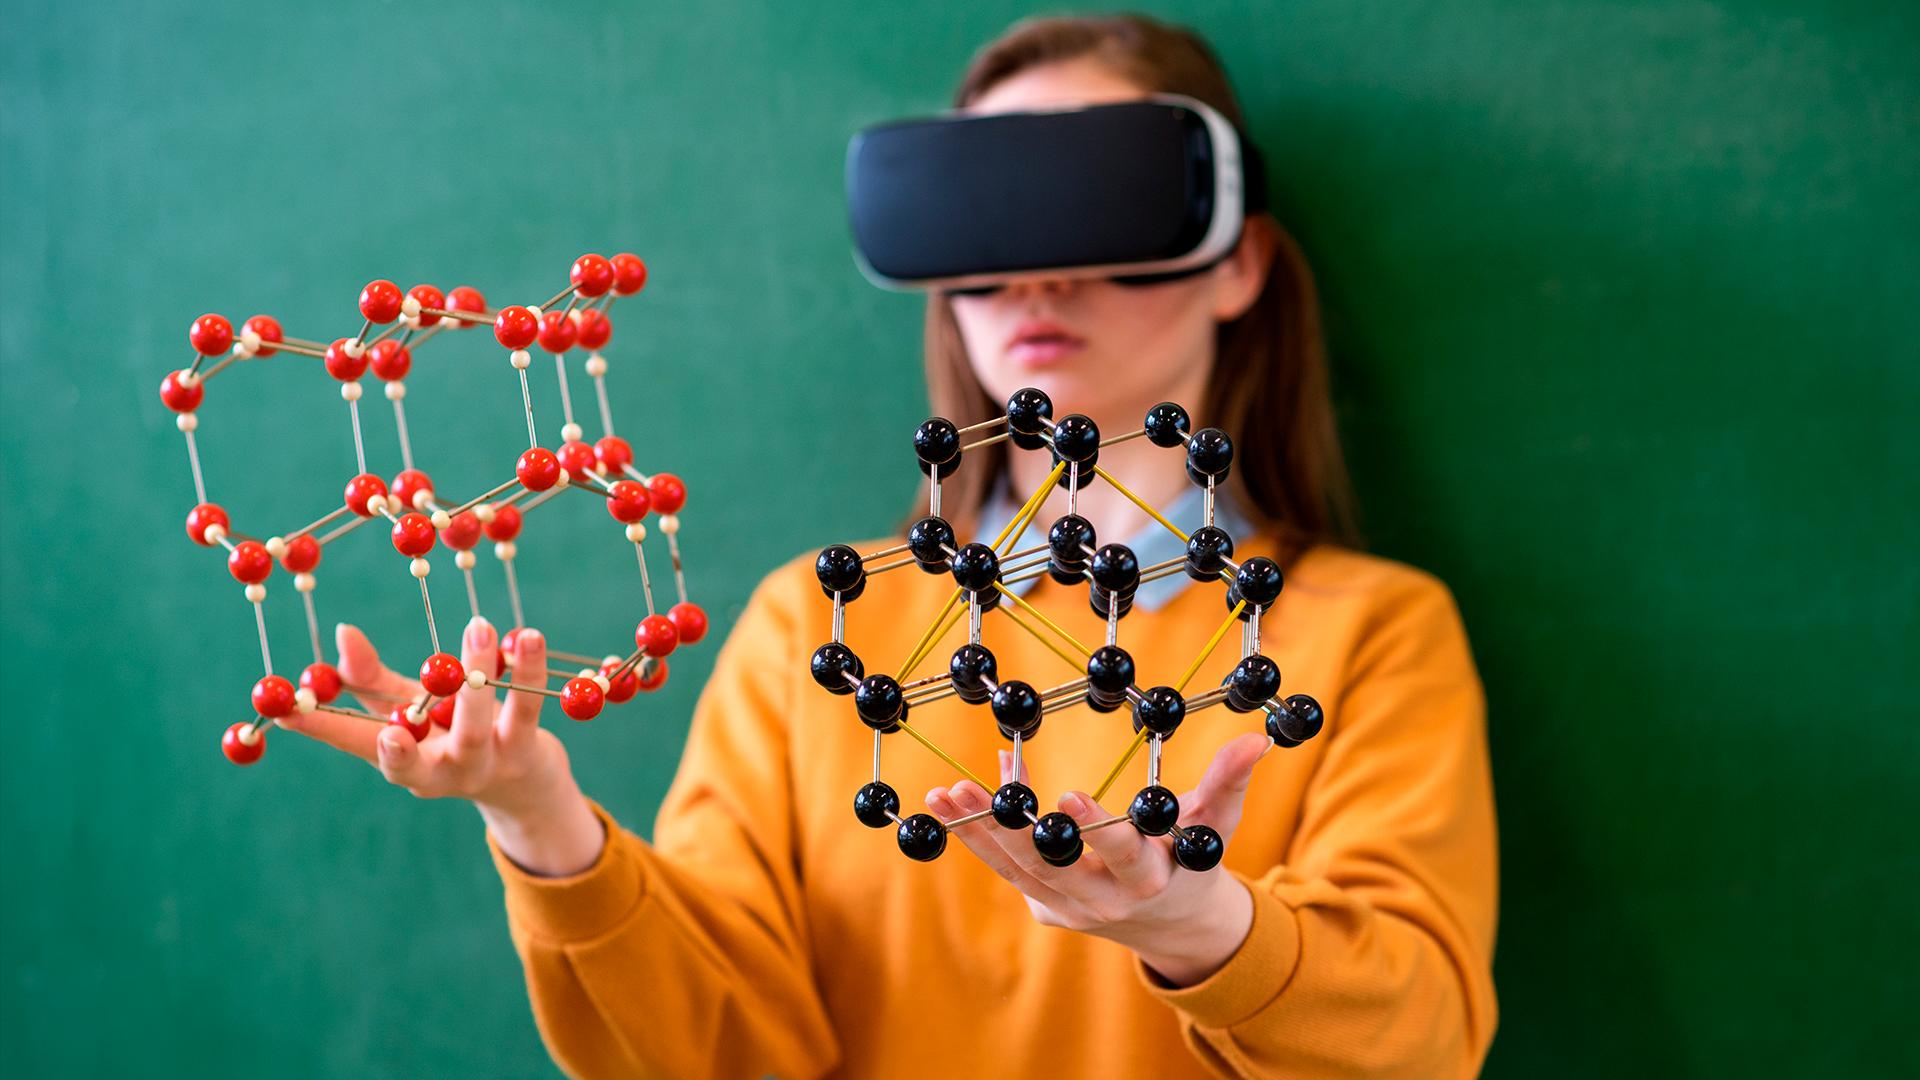 Gamificação, simuladores e laboratórios virtuais fazem parte do repertório a ser explorado nos processos de aprendizagem do ensino híbrido.